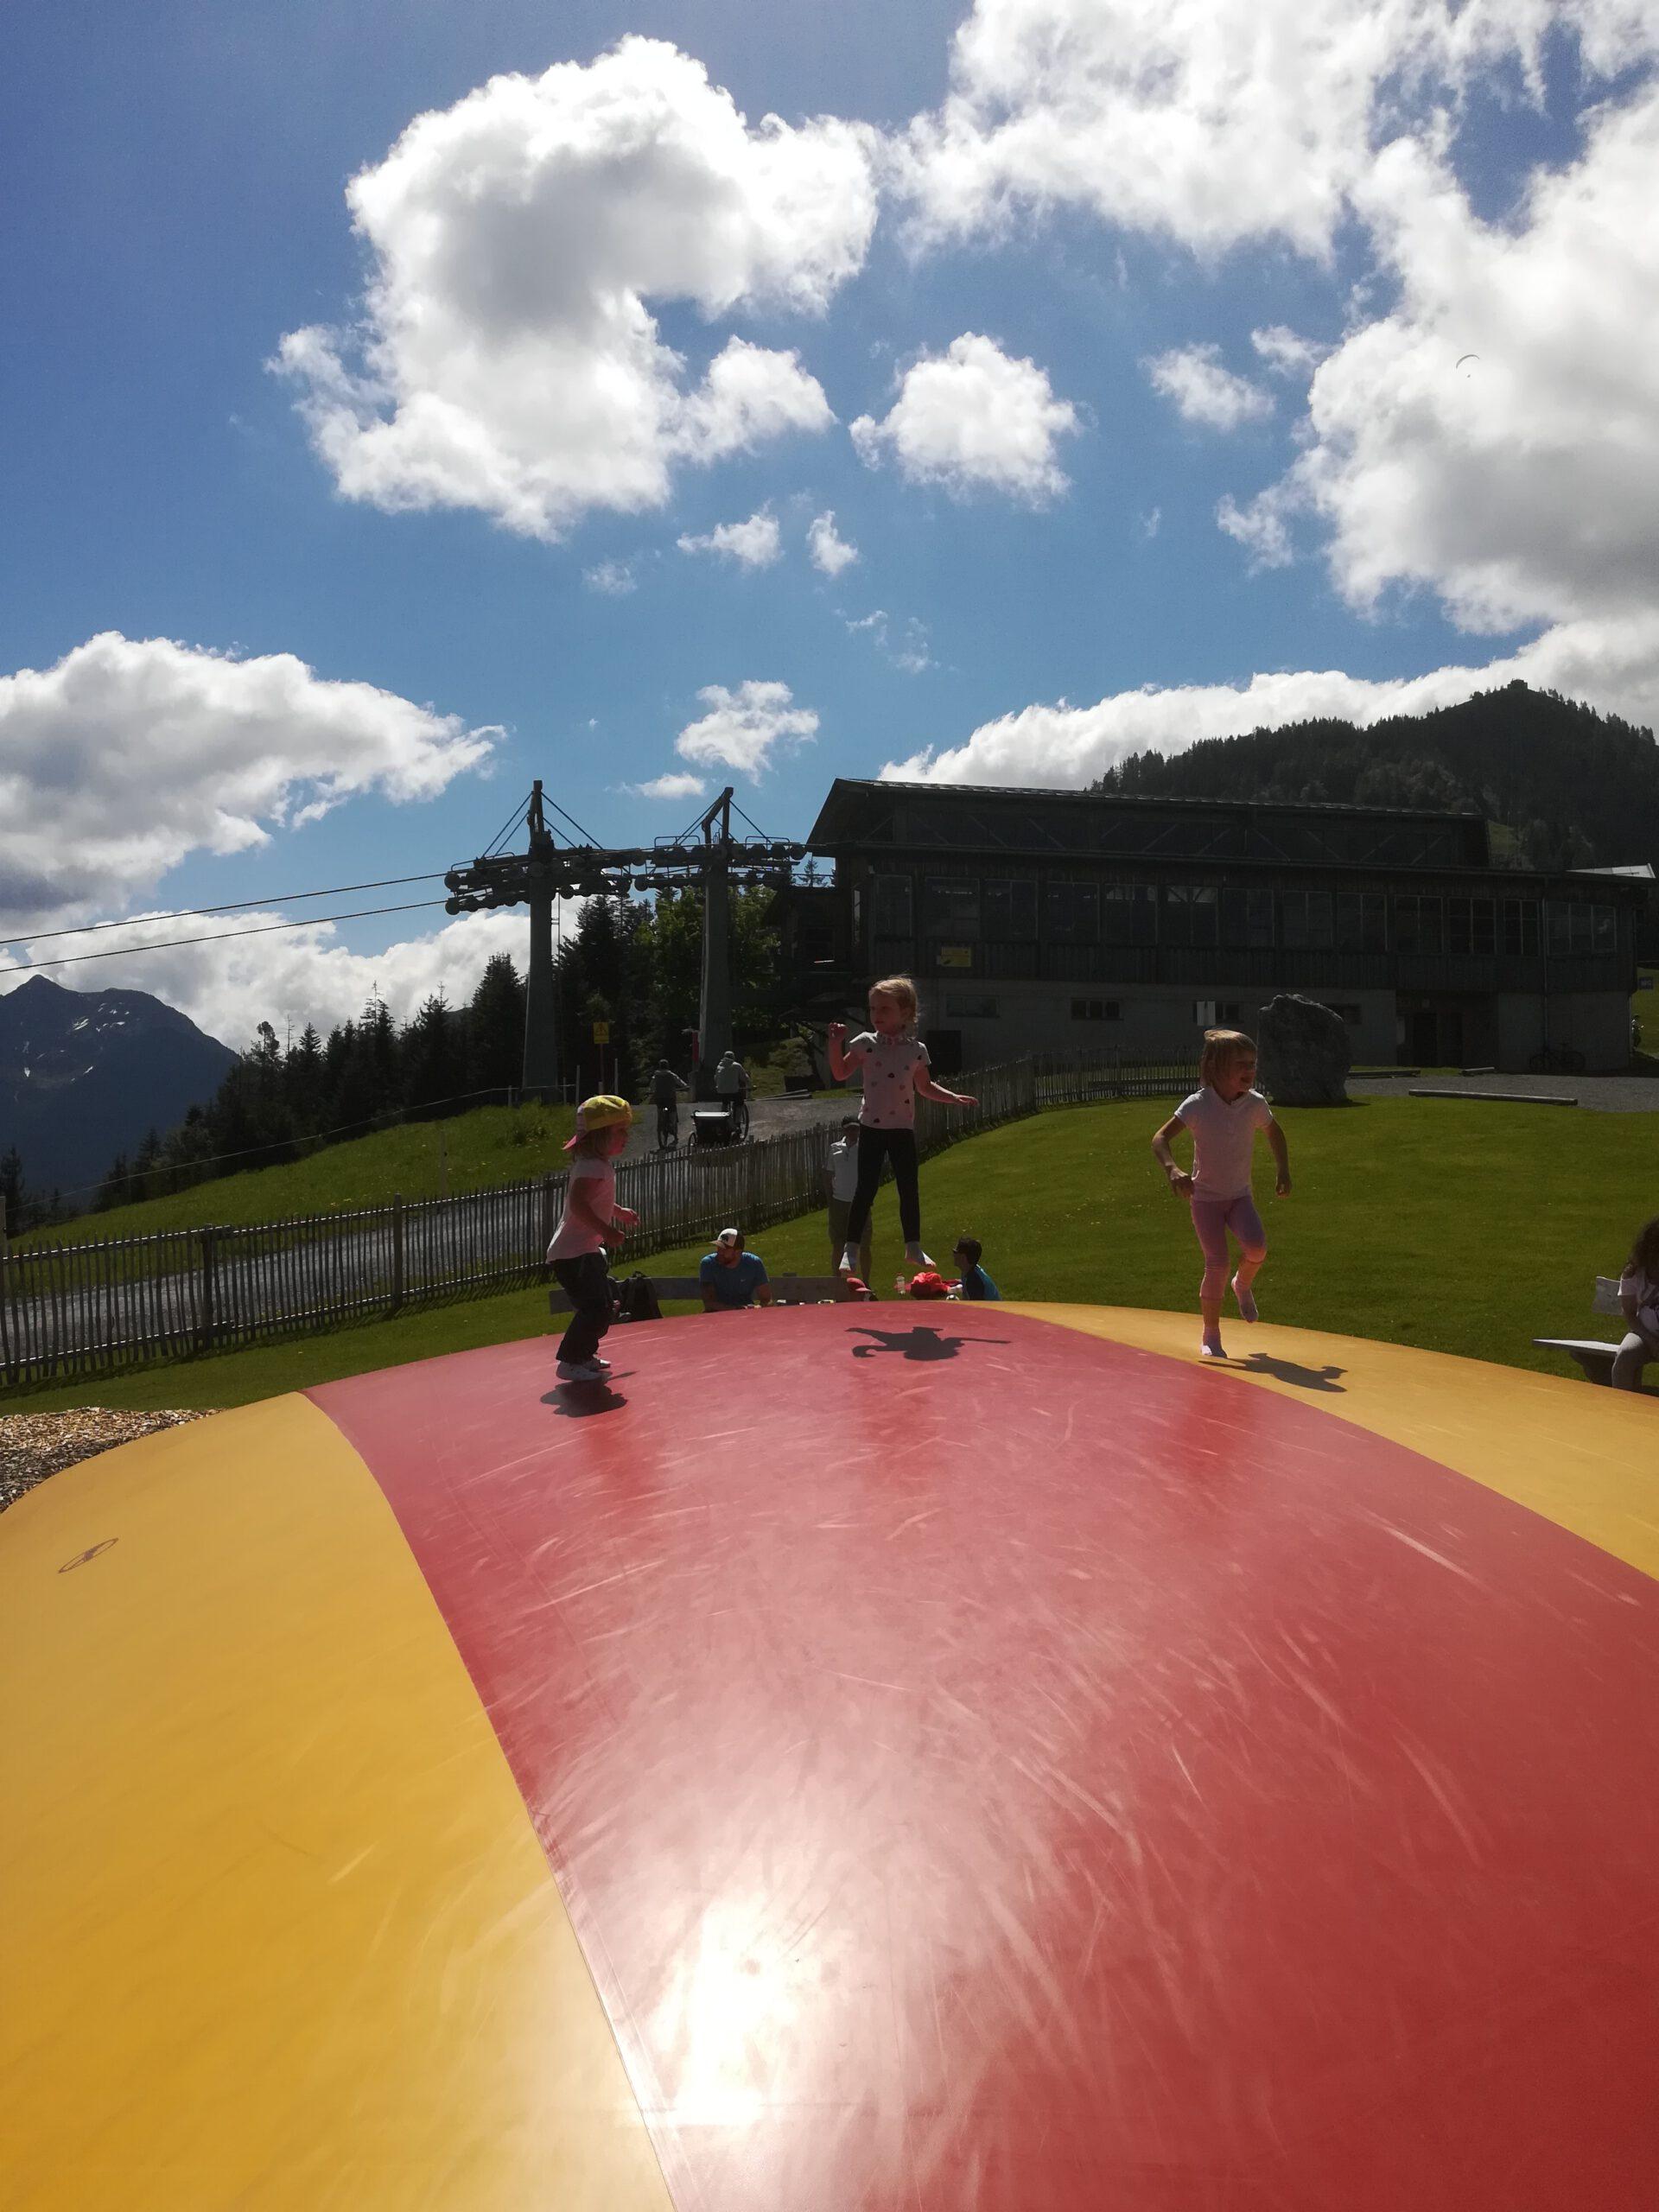 Familienausflug, Fieberbrunn, Timok´s Spielplatz